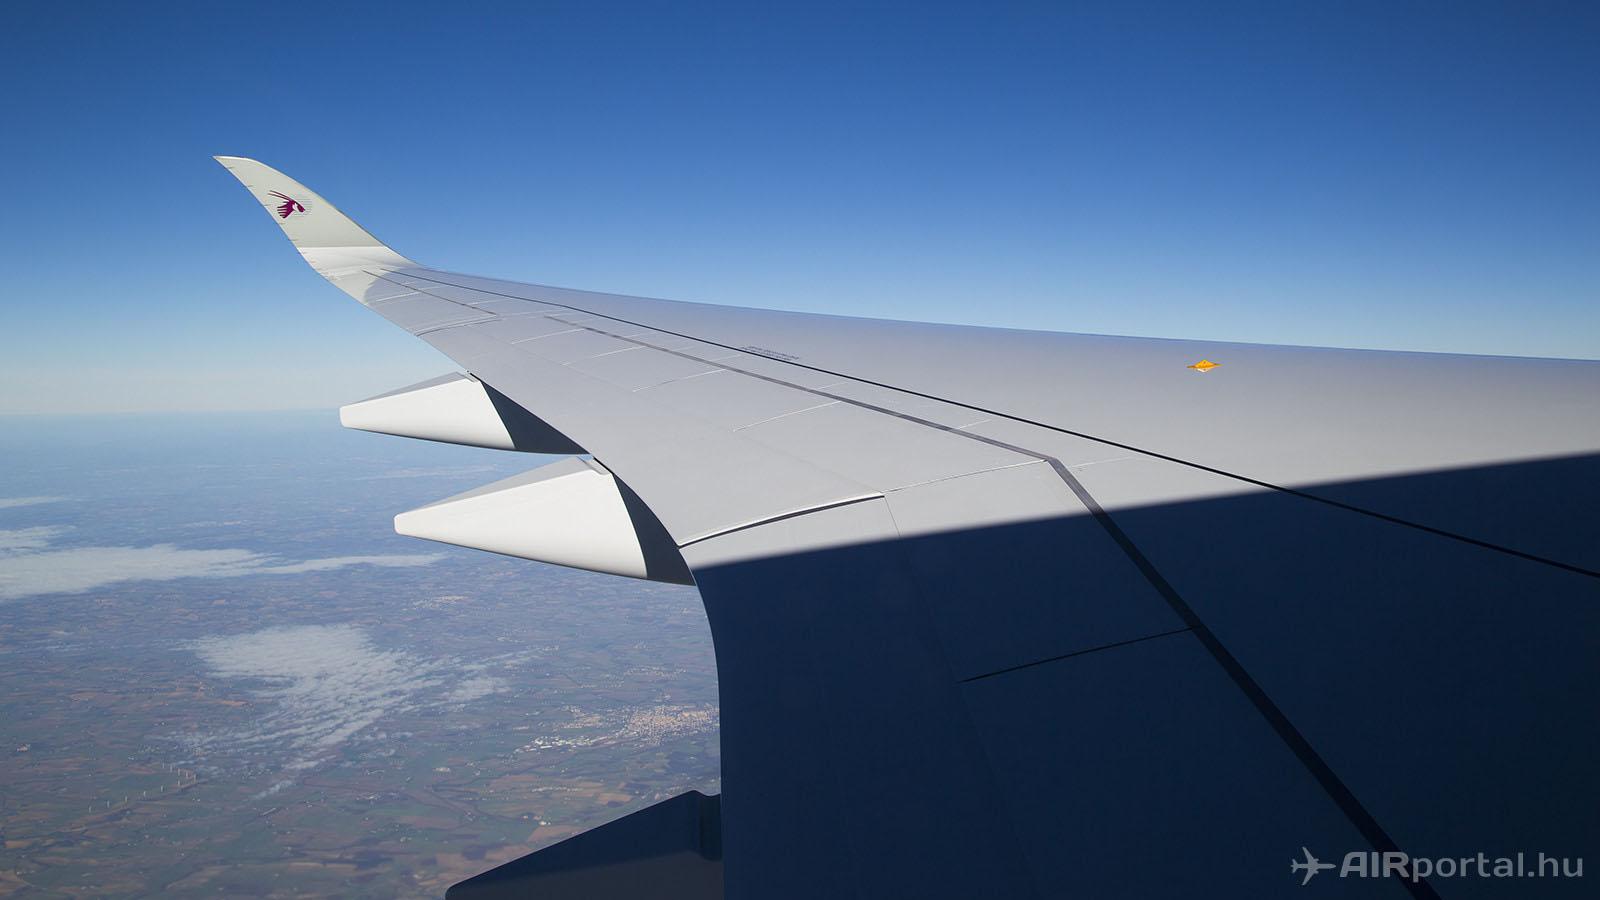 Perpignan felé félúton. Az A350 XWB egyik legjellegzetesebb része a szárnyvég éles, íves kiképzése. Az A350 XWB szárnyai egyébként a ma gyártott legnagyobb egy darabban készült kompozit elemek a világon. (Fotó: AIRportal.hu)   © AIRportal.hu